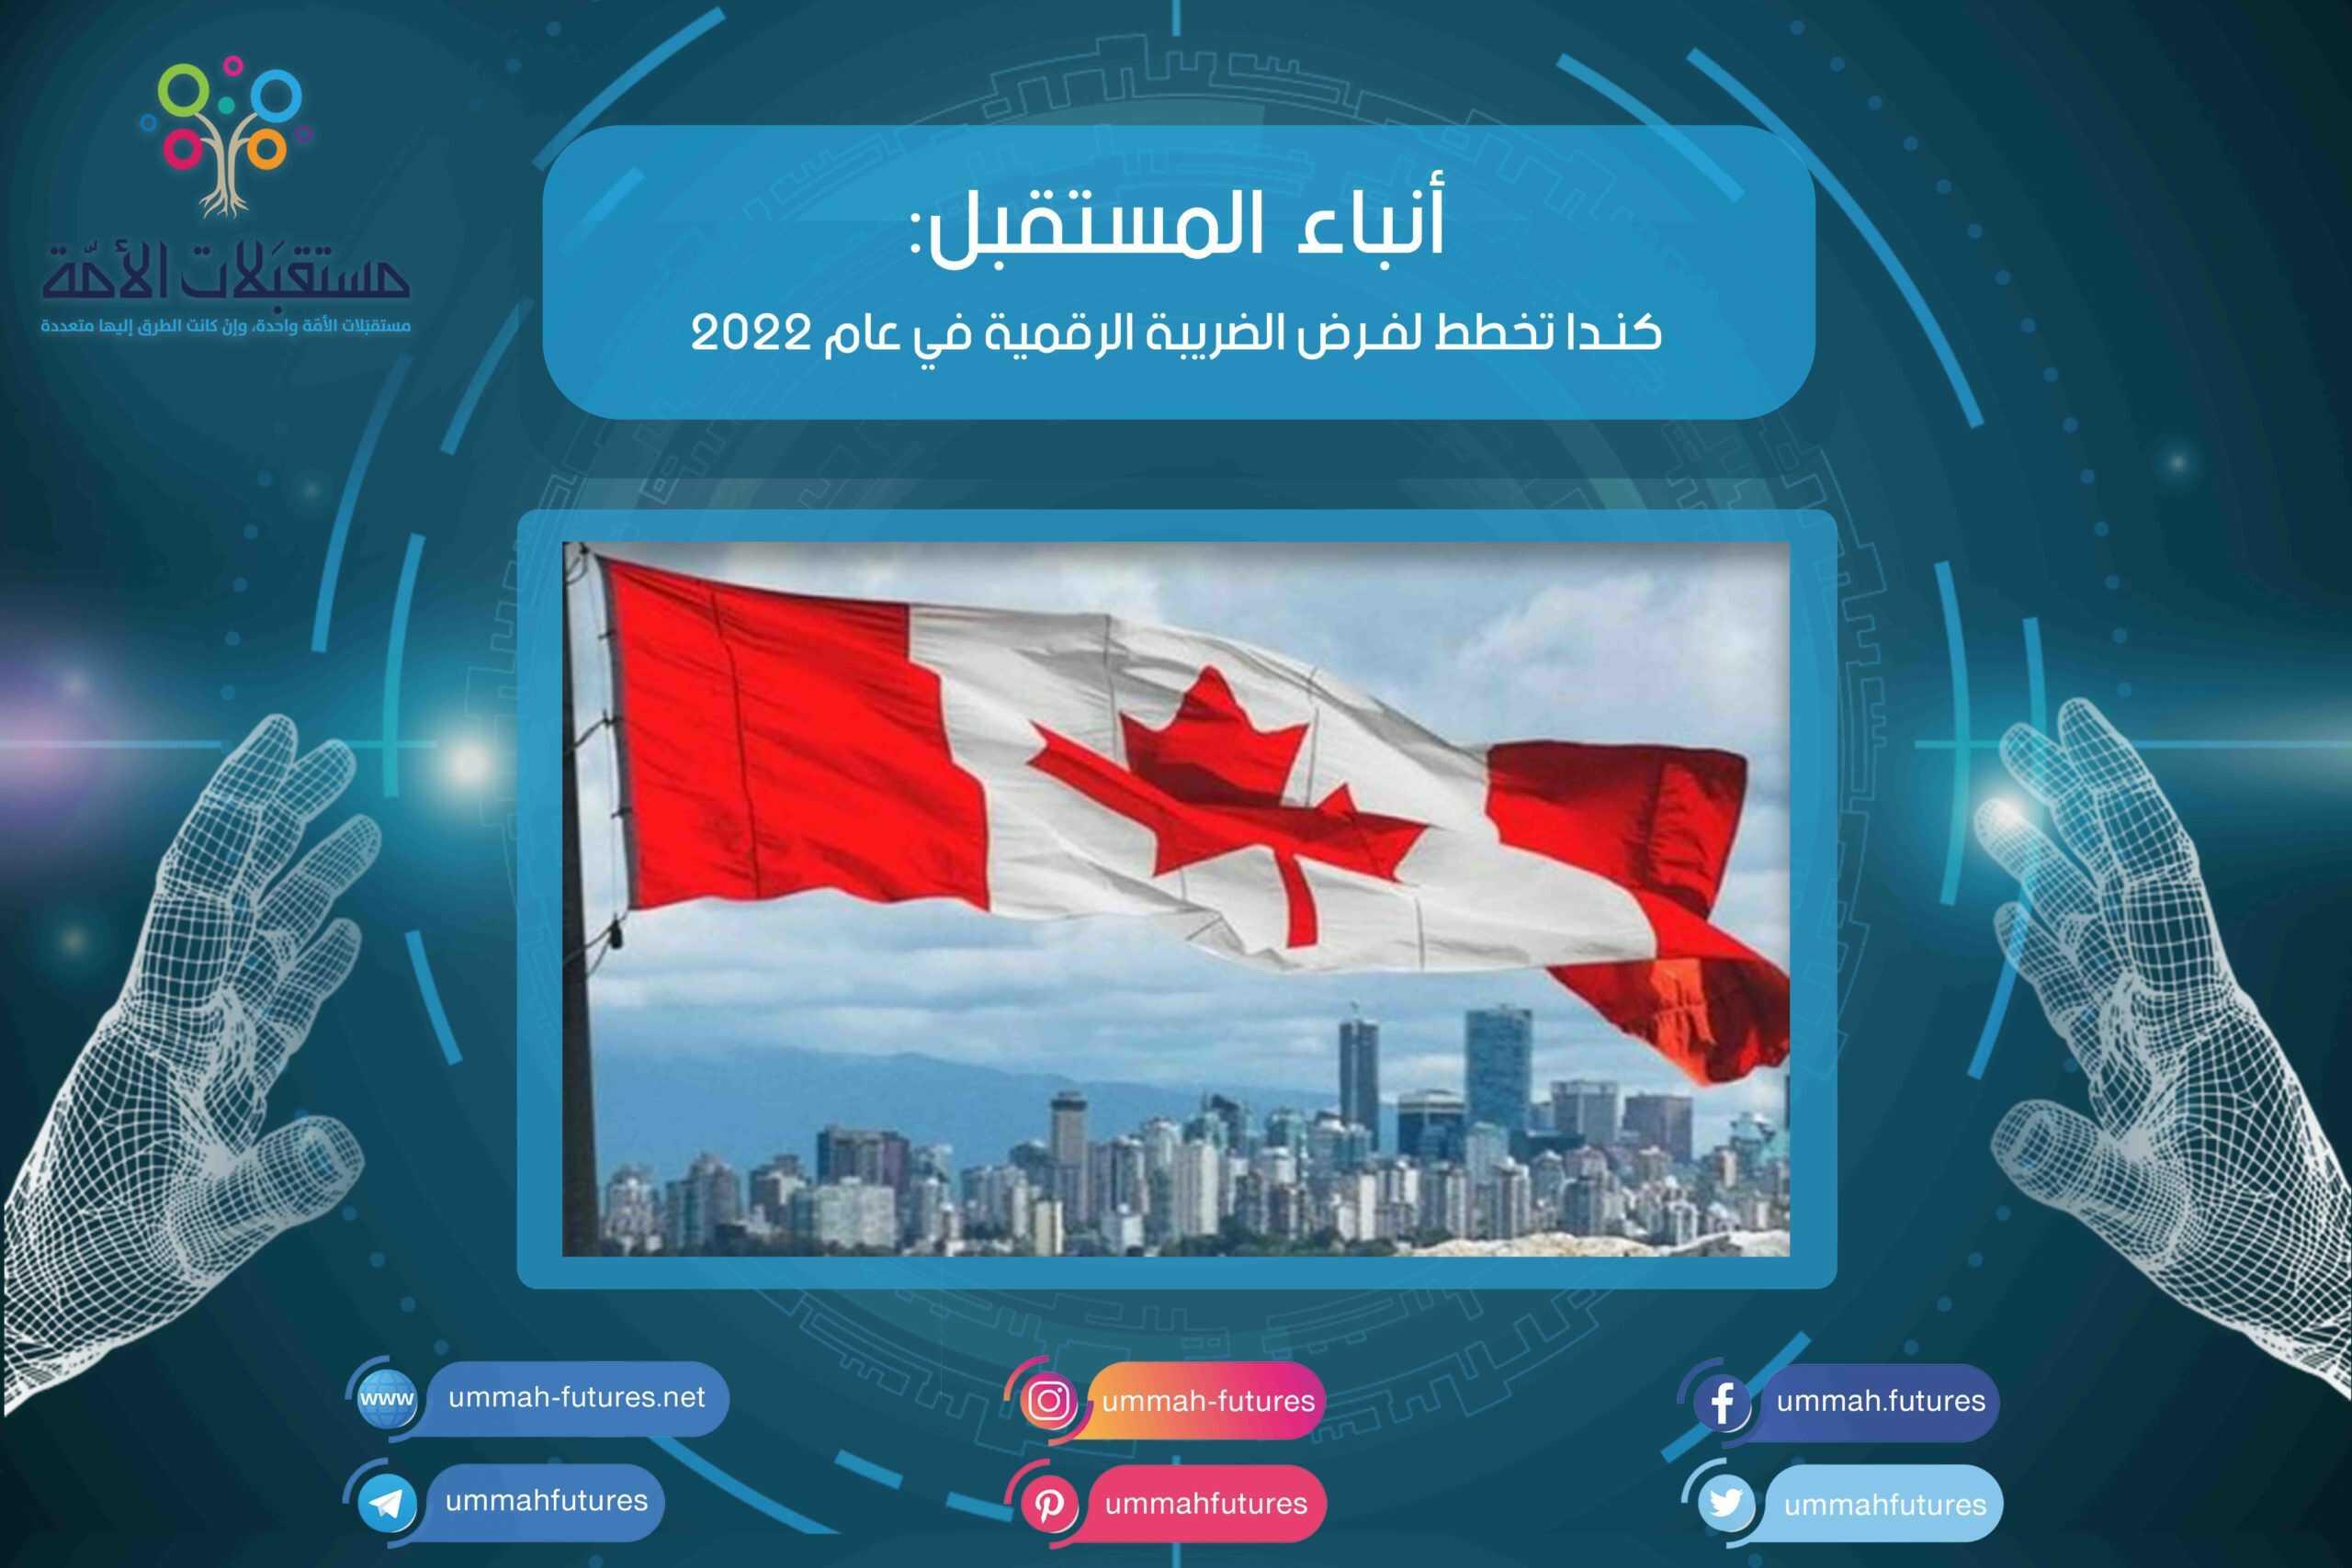 كندا تخطط لفرض الضريبة الرقمية في عام 2022